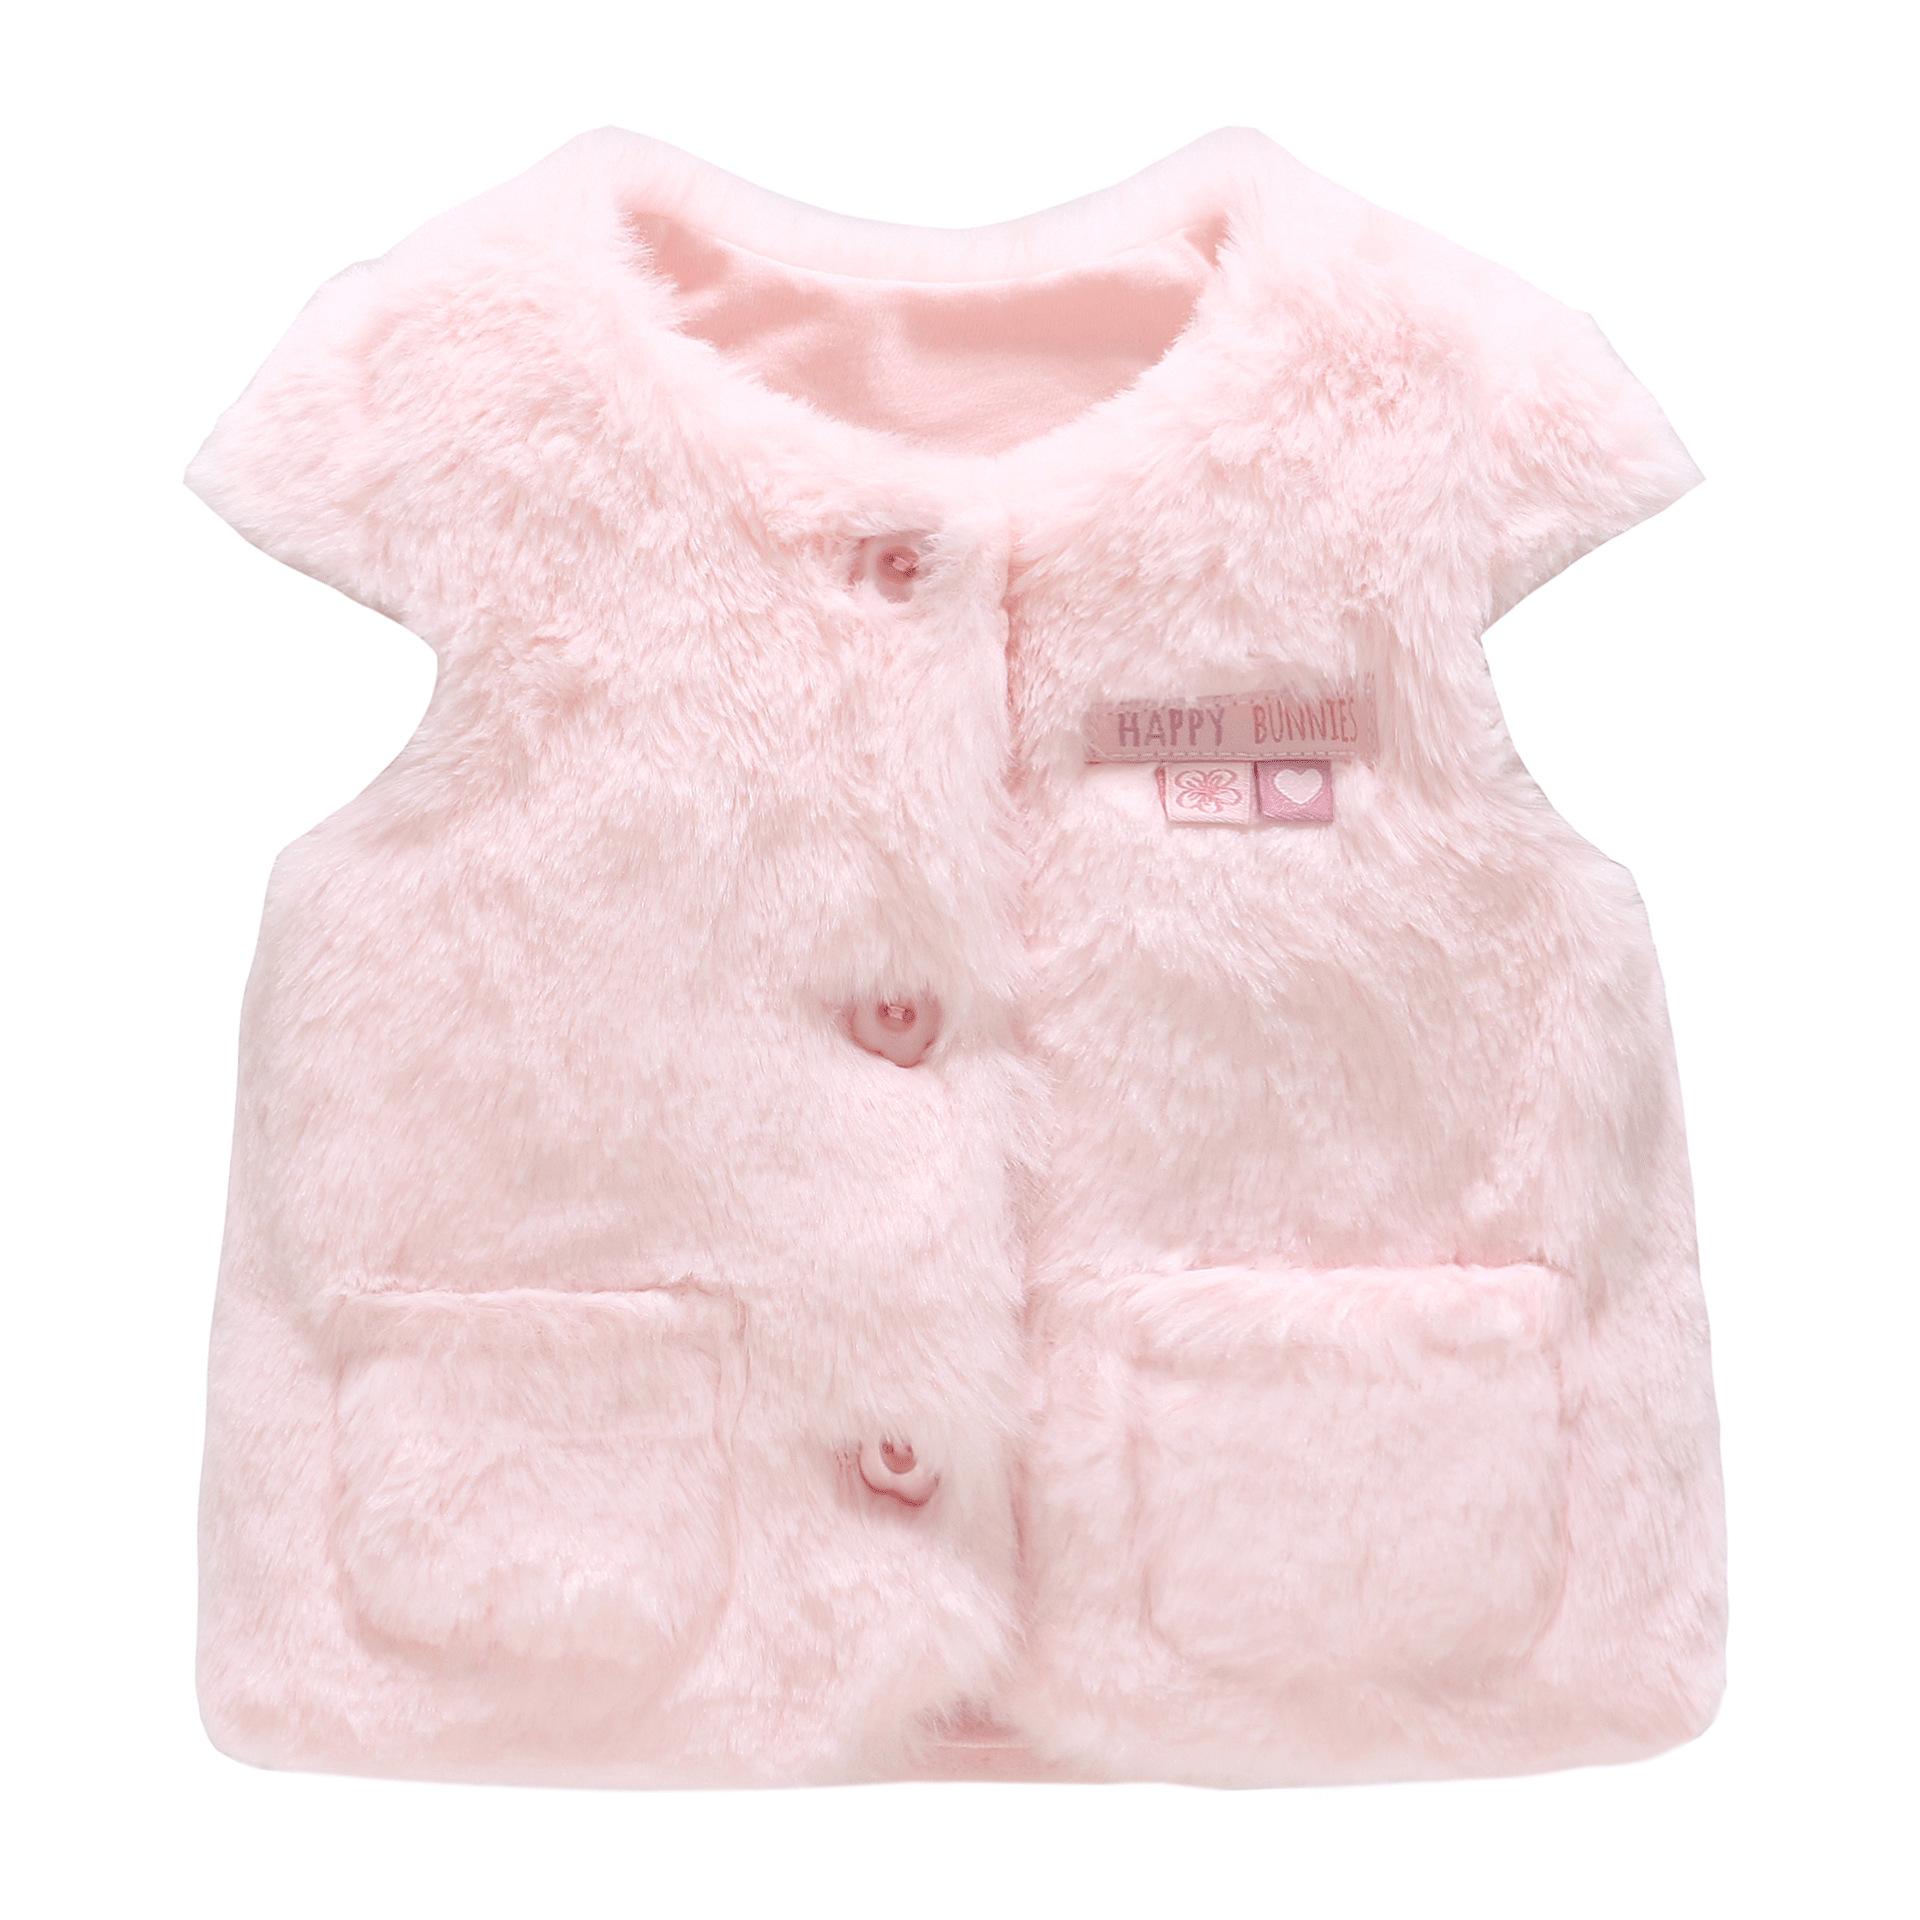 舞灵蝶童装女童外套2019秋季新款儿童保暖背心粉色兔子儿童棉马甲